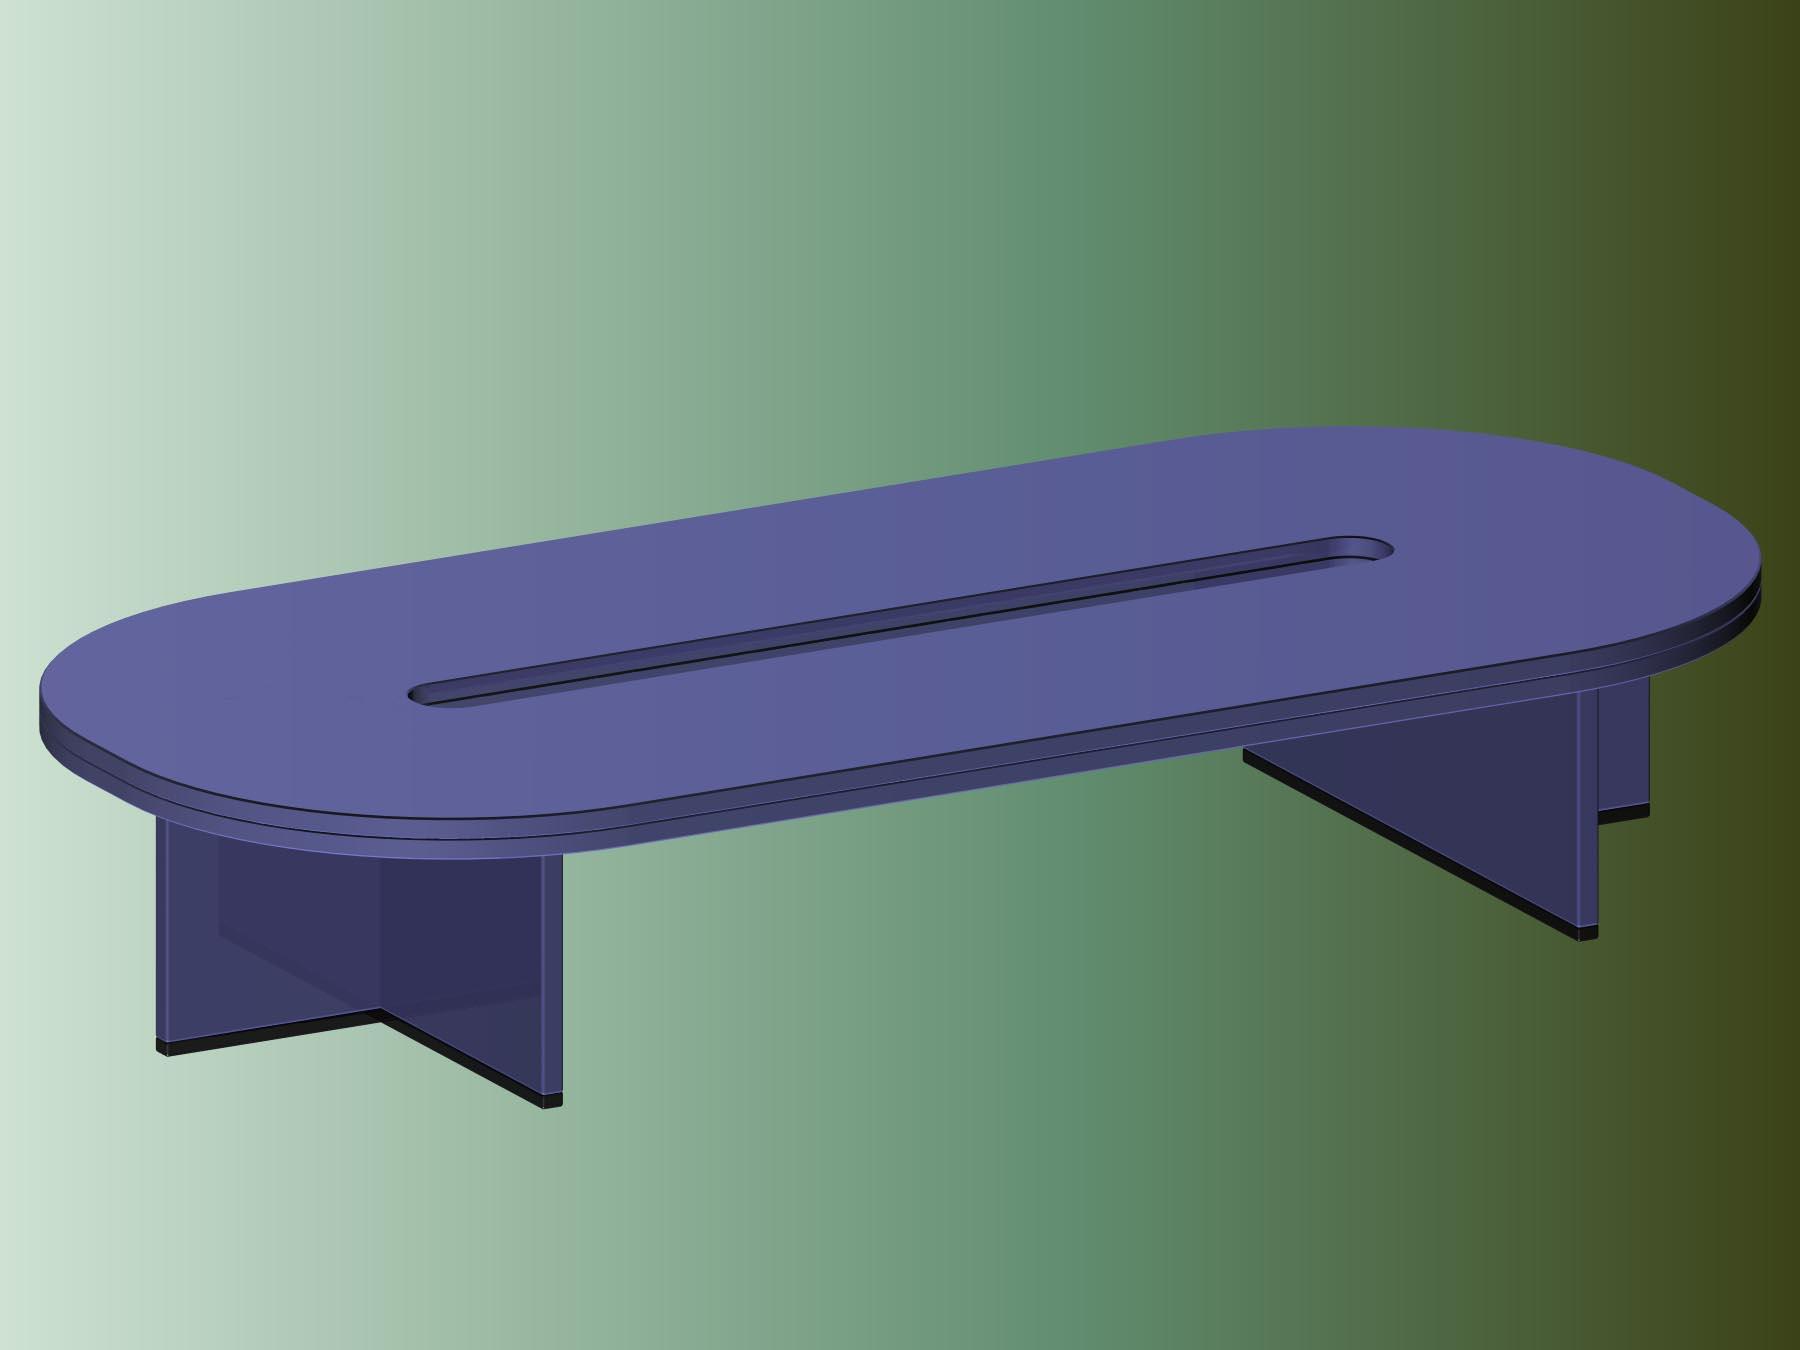 mobilier de bureau 003 24 3d model download free 3d models download. Black Bedroom Furniture Sets. Home Design Ideas